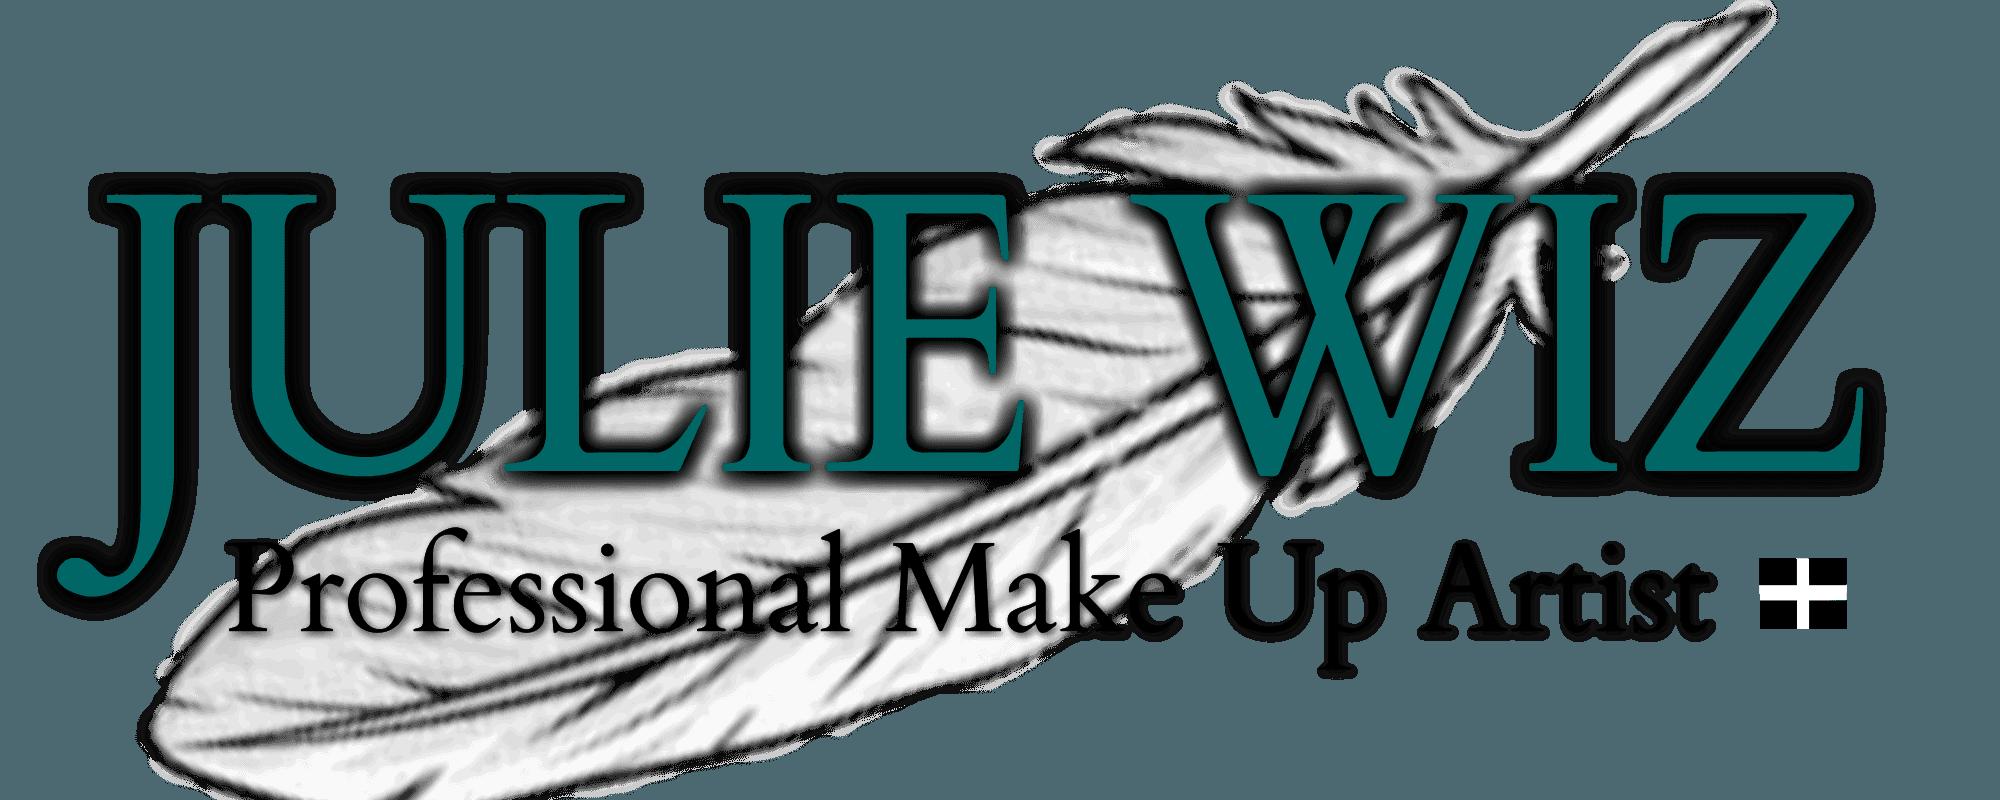 Julie Wiz Professional Make Up Artist logo